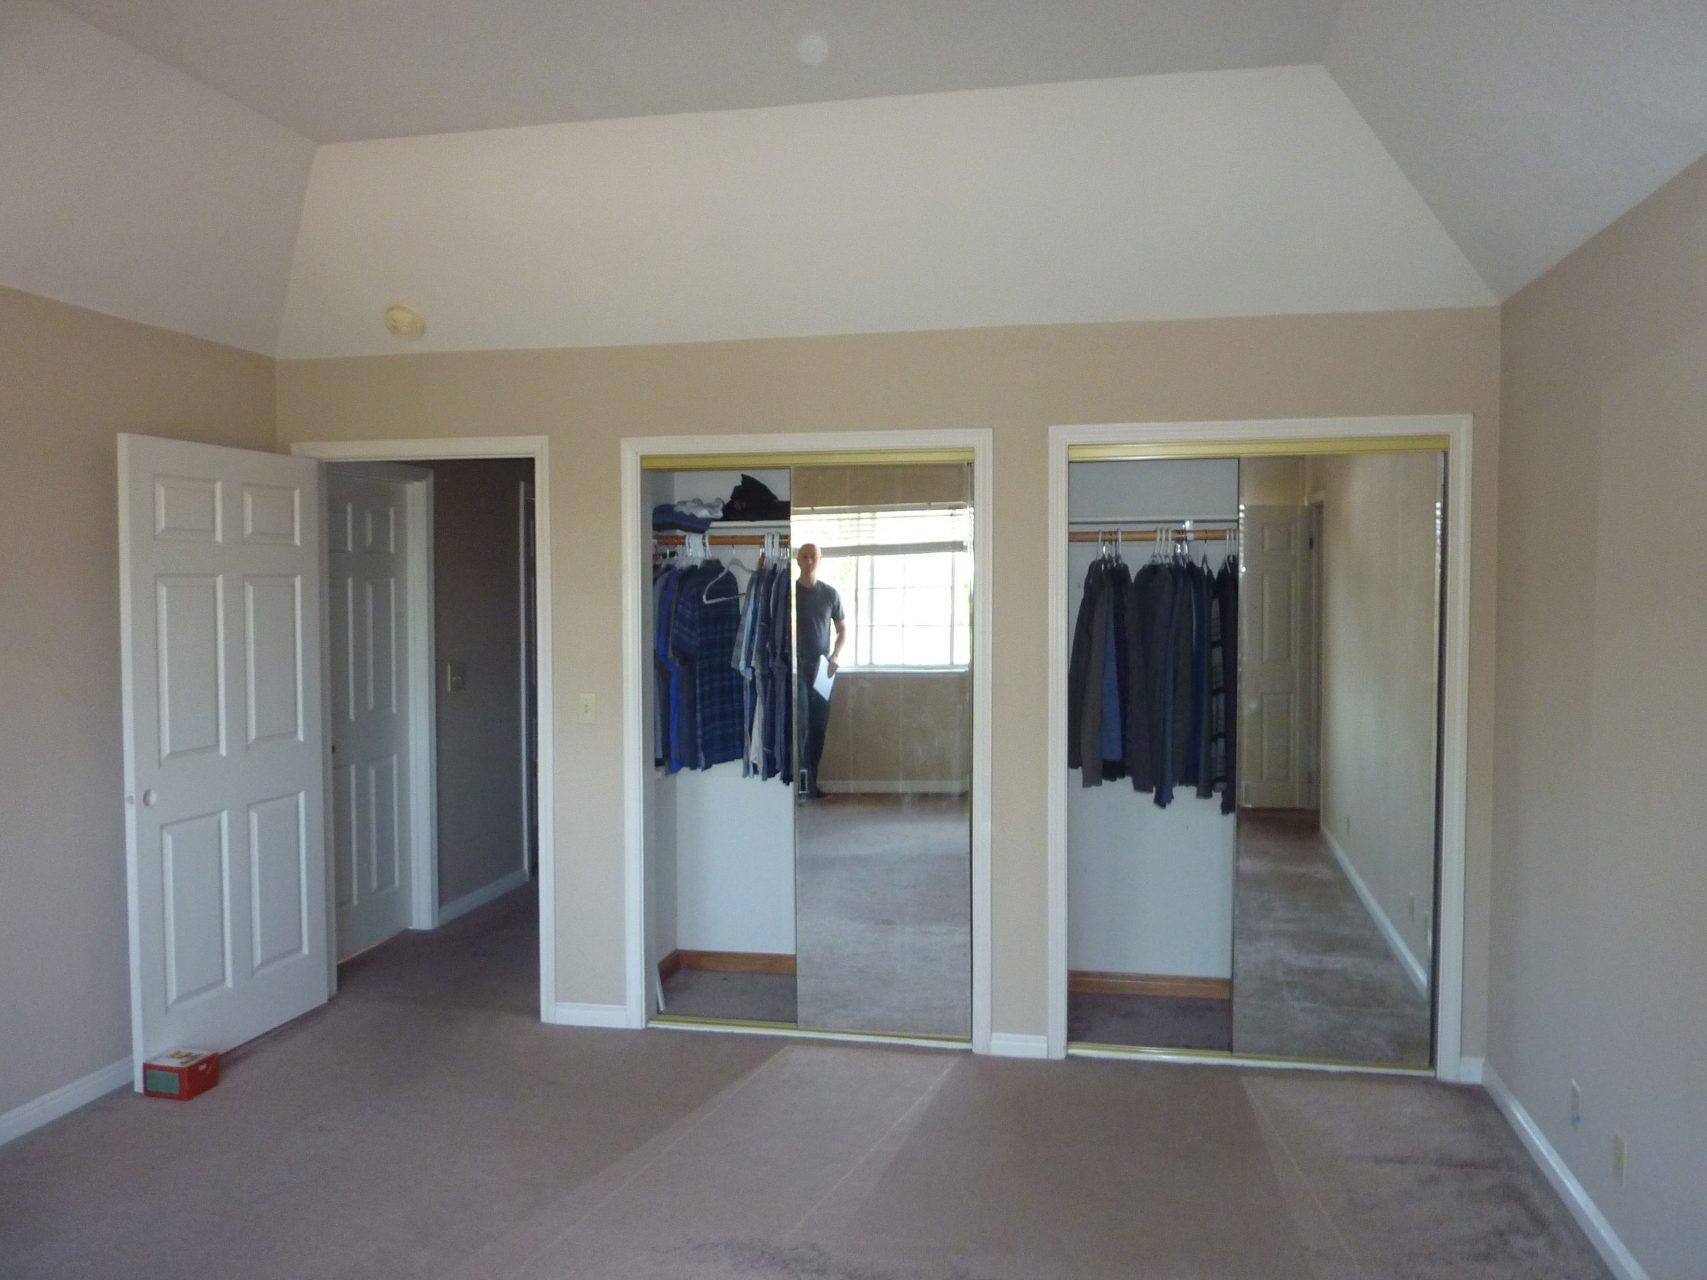 Master suite closet before update